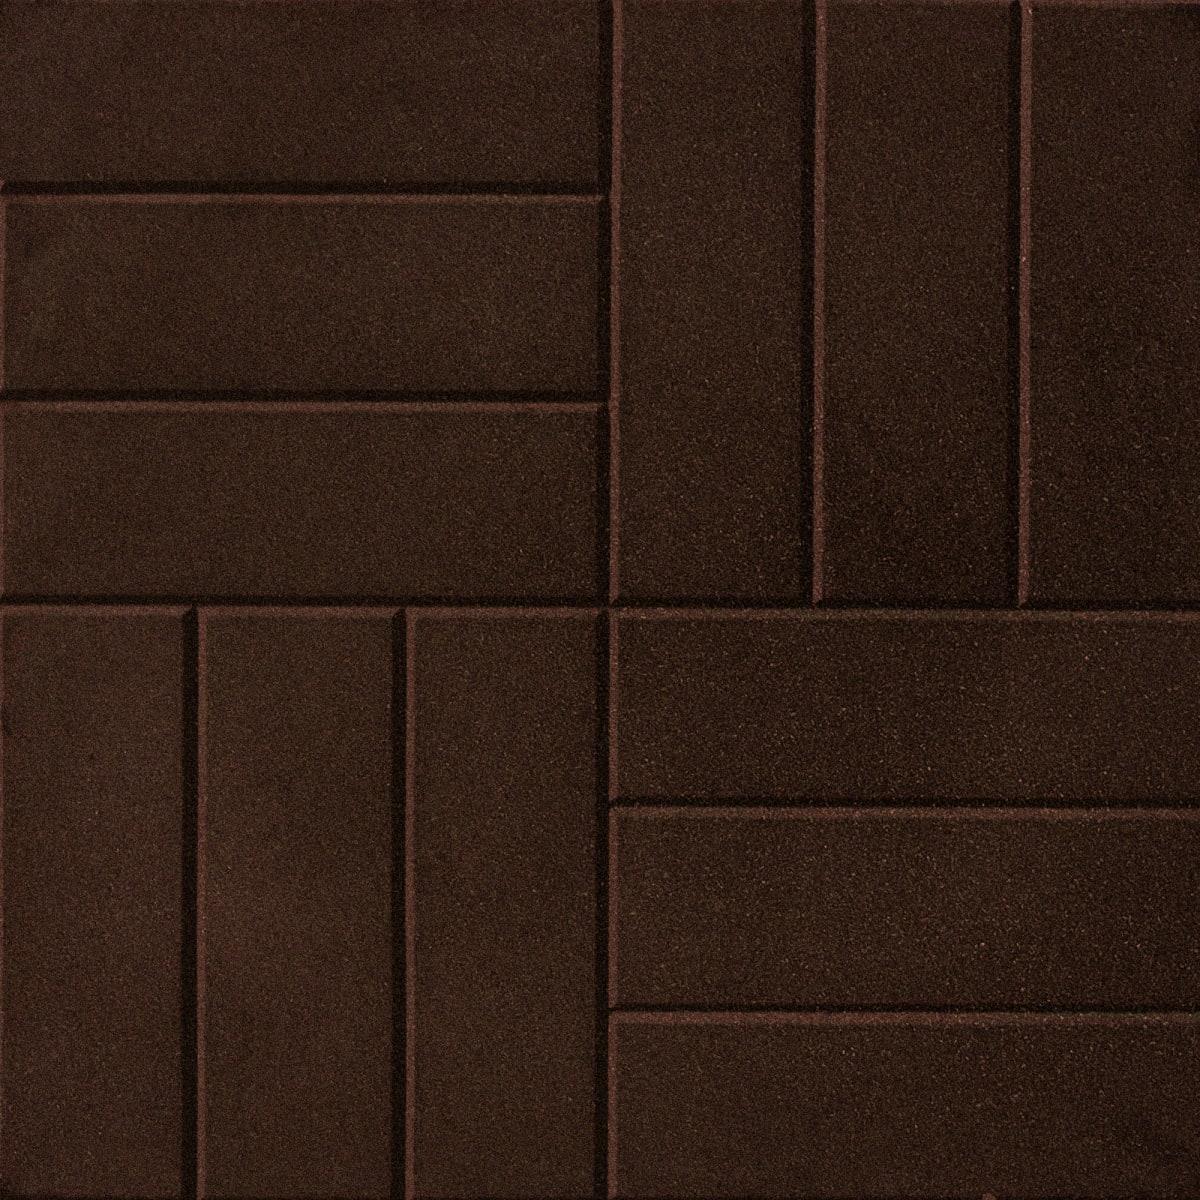 Плитка резиновая 500х500х30 паркет коричневый